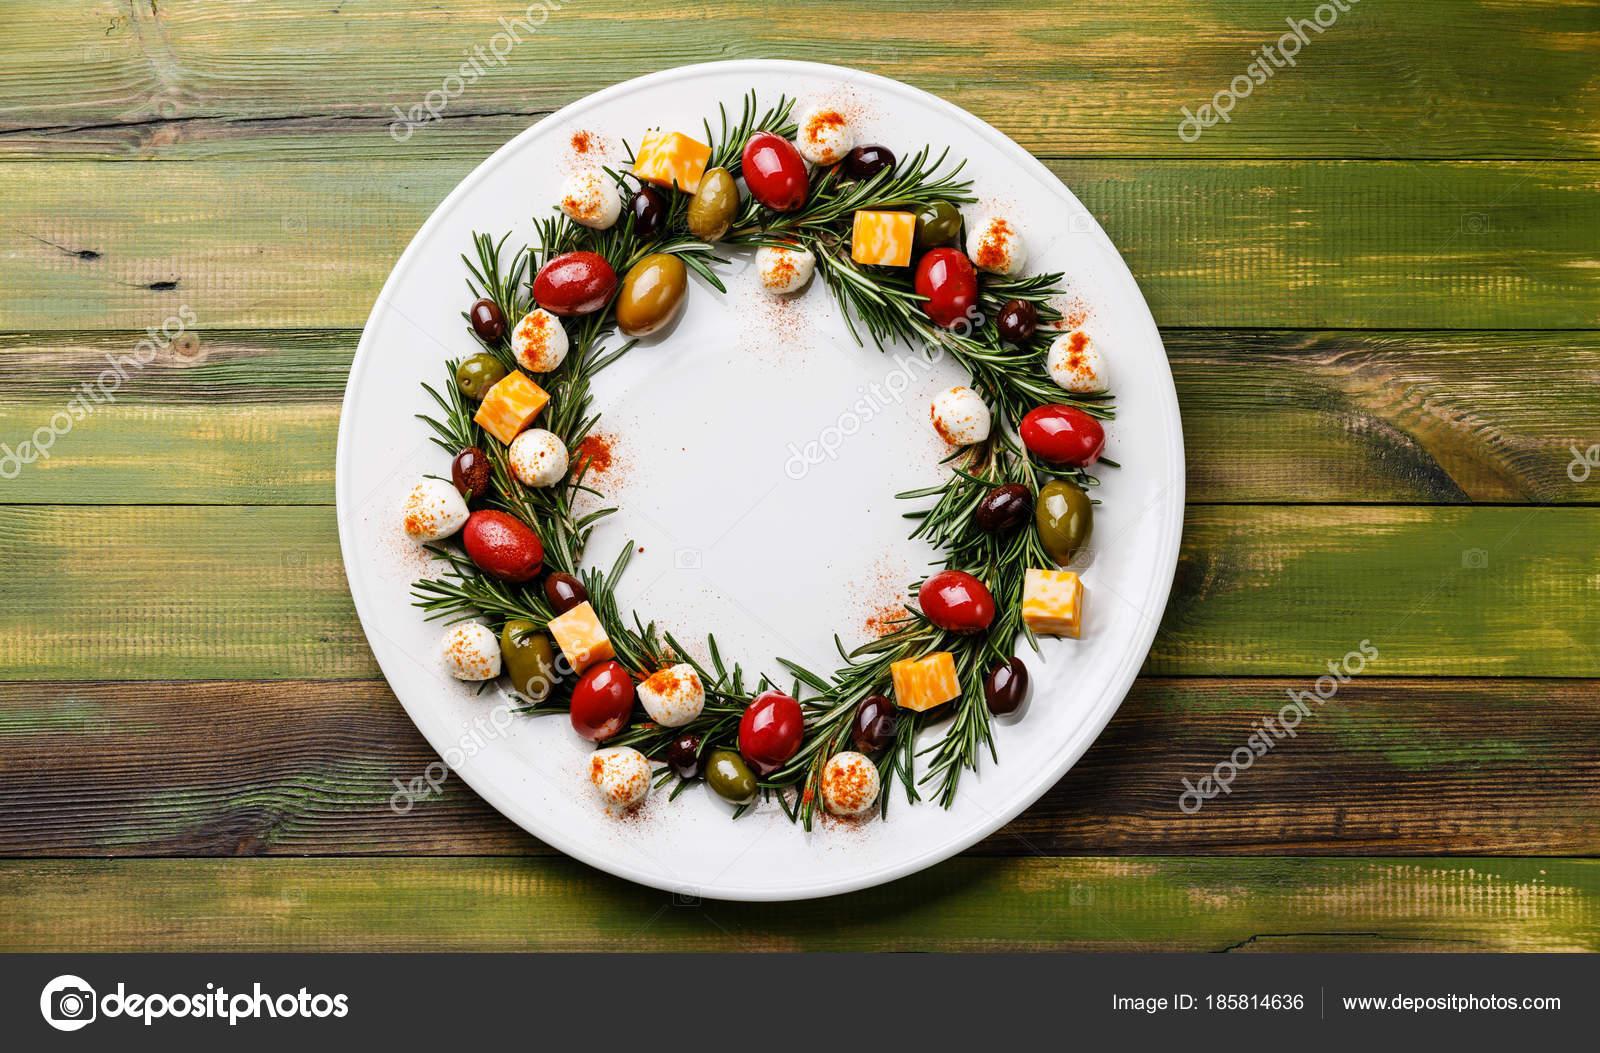 Rosemary krans kerst voorgerecht met kaas olijven plaat houten